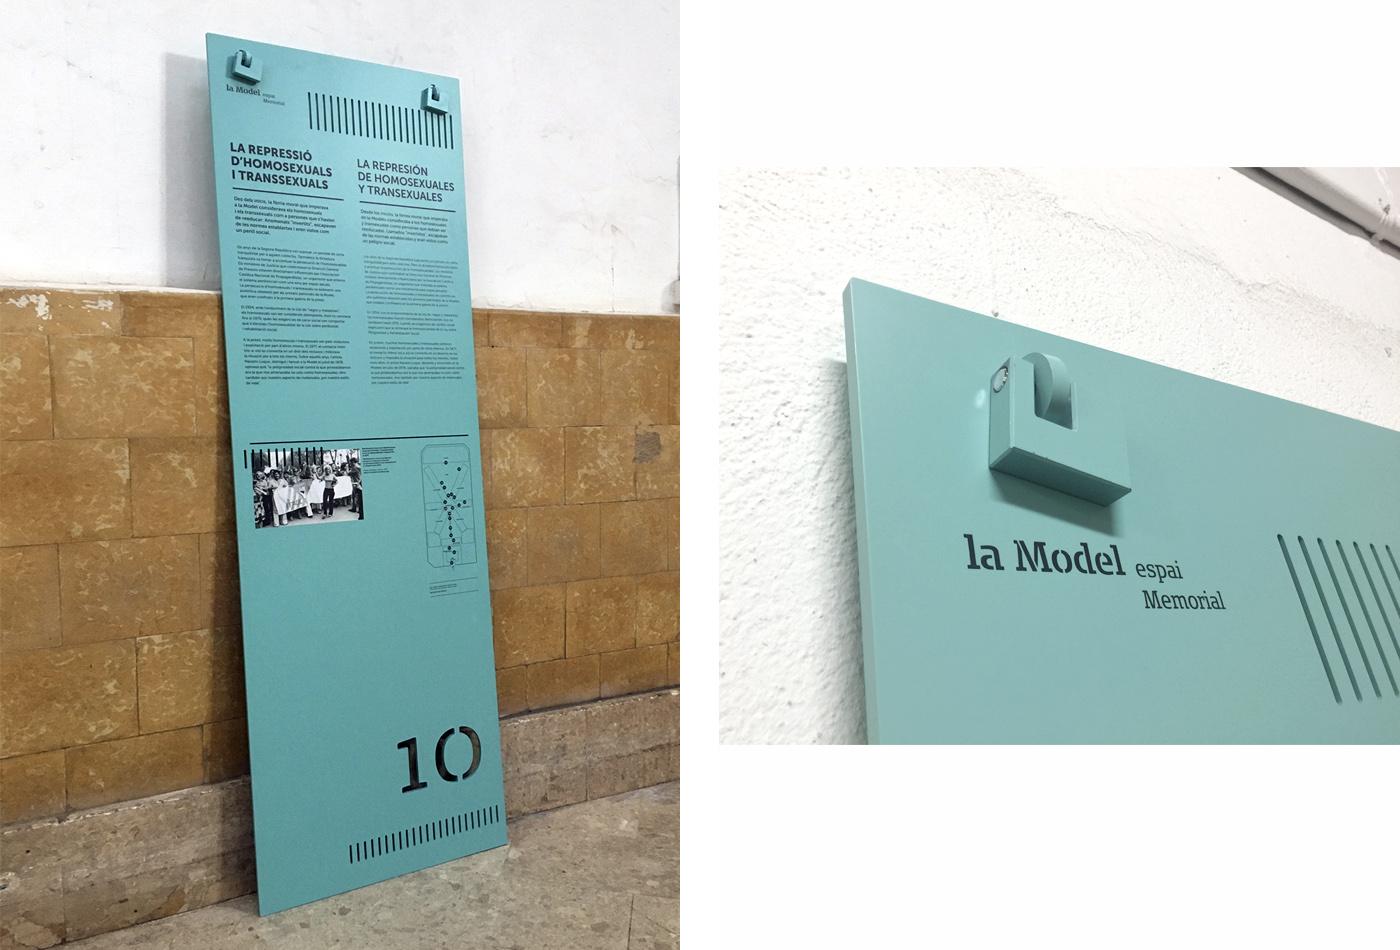 la modelo espacio memorial